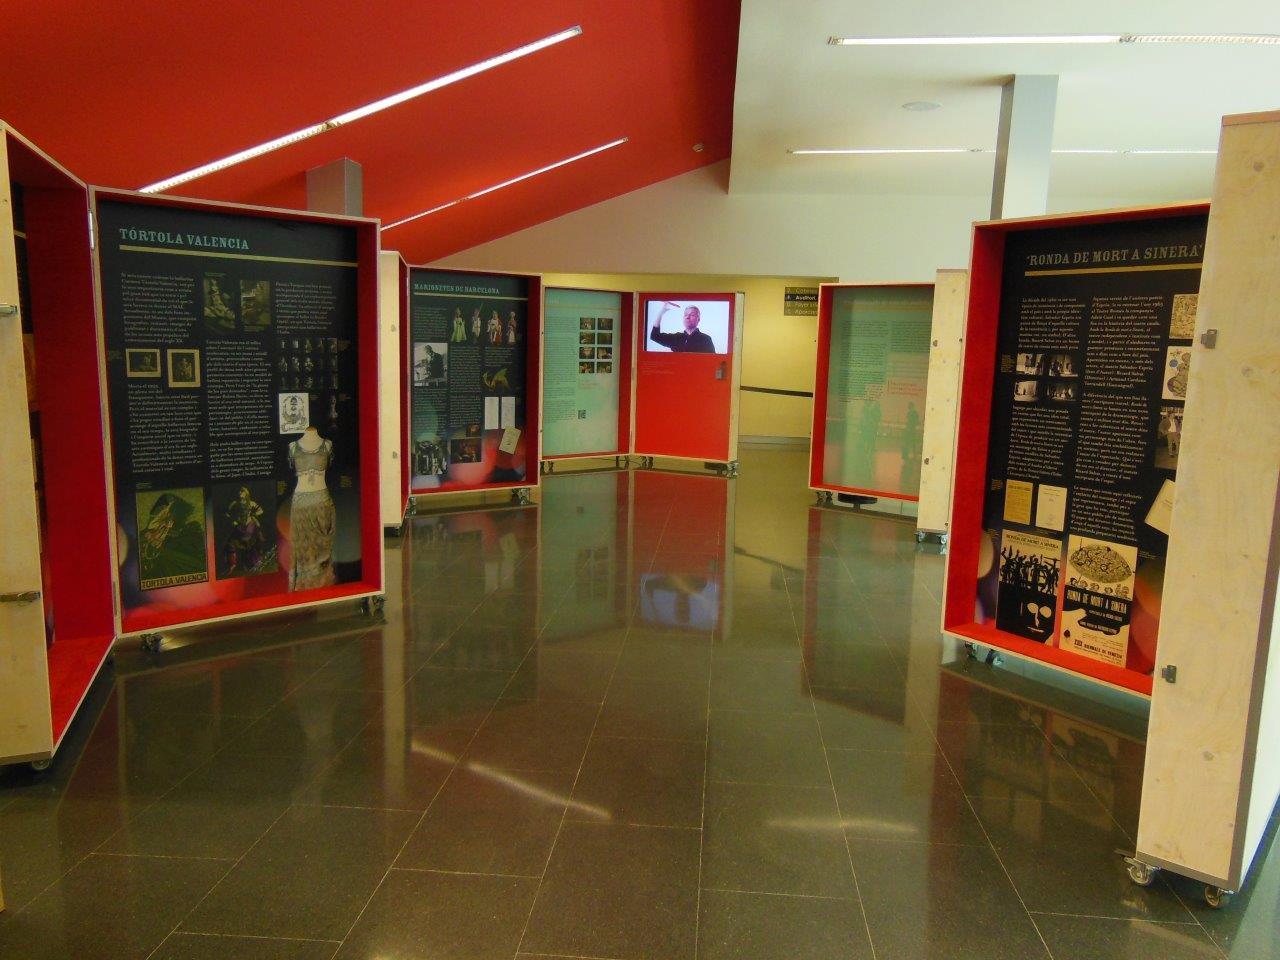 Exposició itinerant La memòria de les arts efímeres del MAE a l'Auditori Els Costals de Castellbisbal, del 2 al 29 de novembre